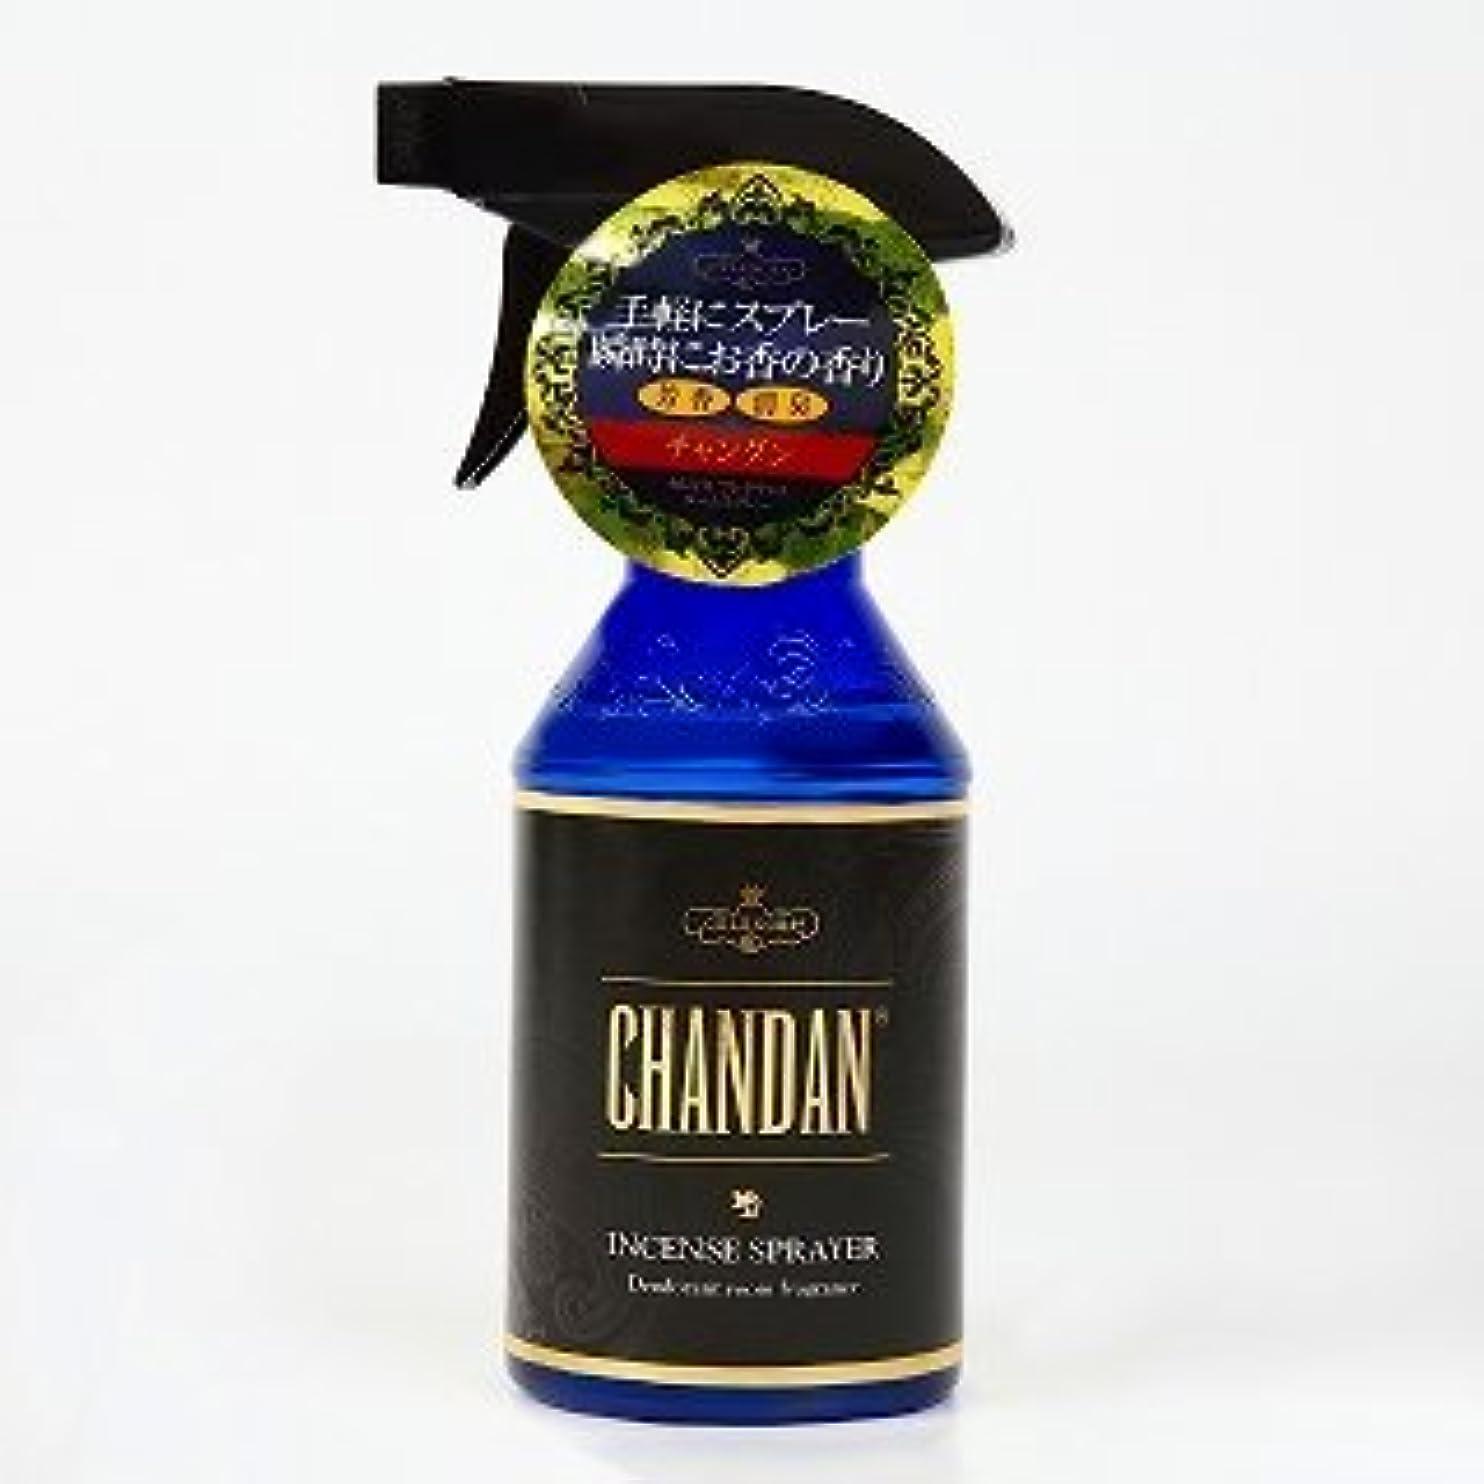 落胆した繁殖振るうお香の香りの芳香剤 セレンスフレグランスルームスプレー チャンダン